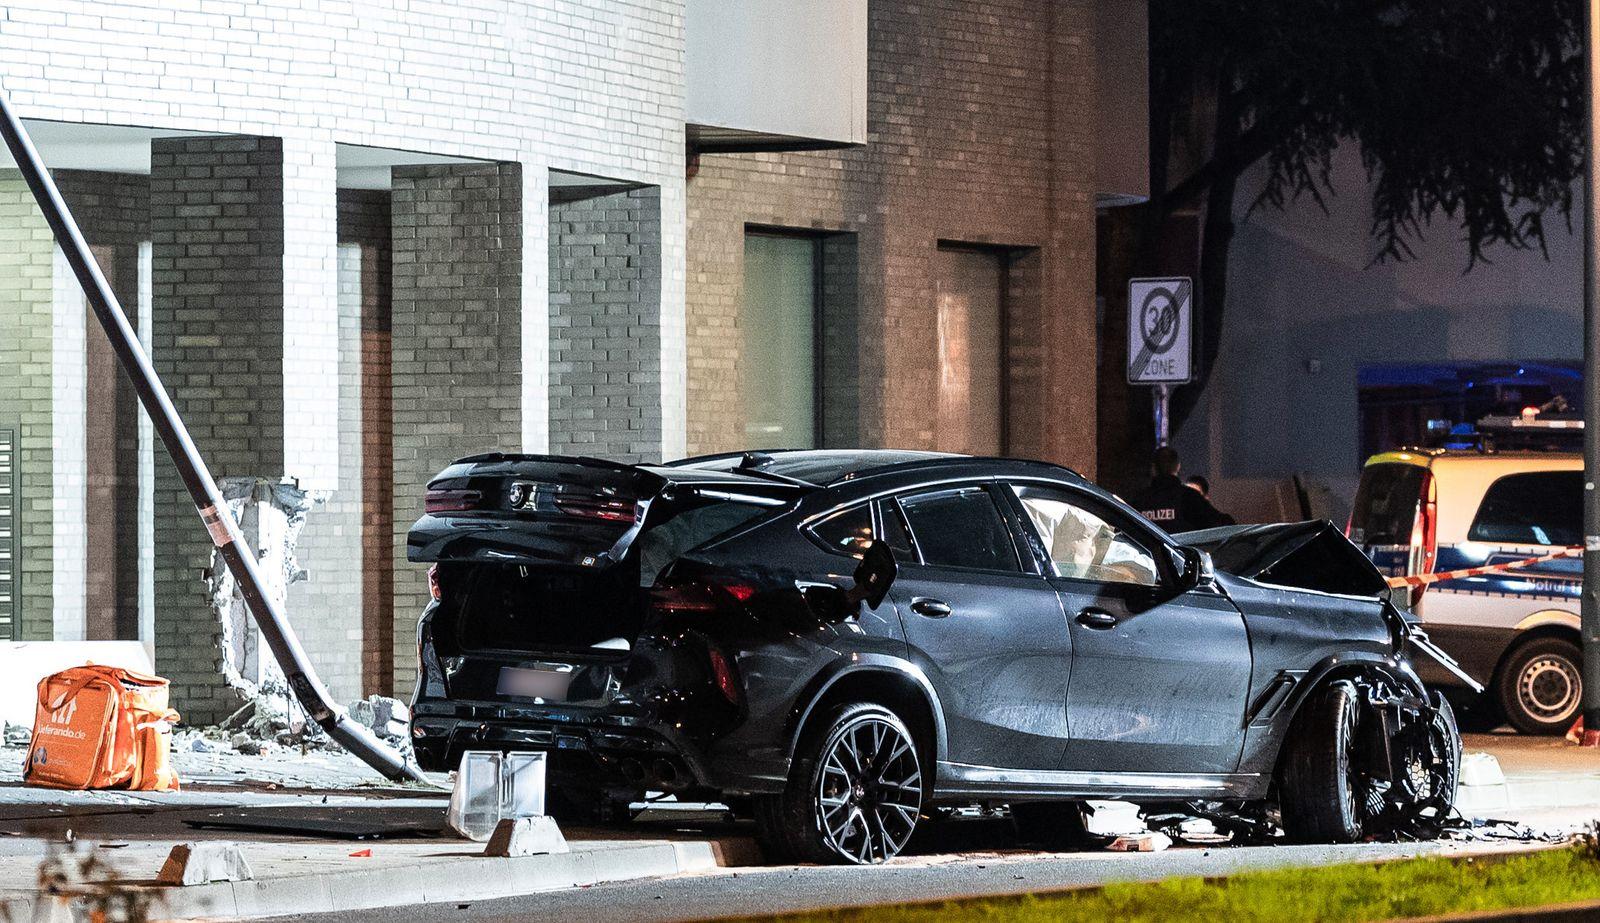 Haftbefehl gegen Fahrer nach tödlichem Unfall erlassen